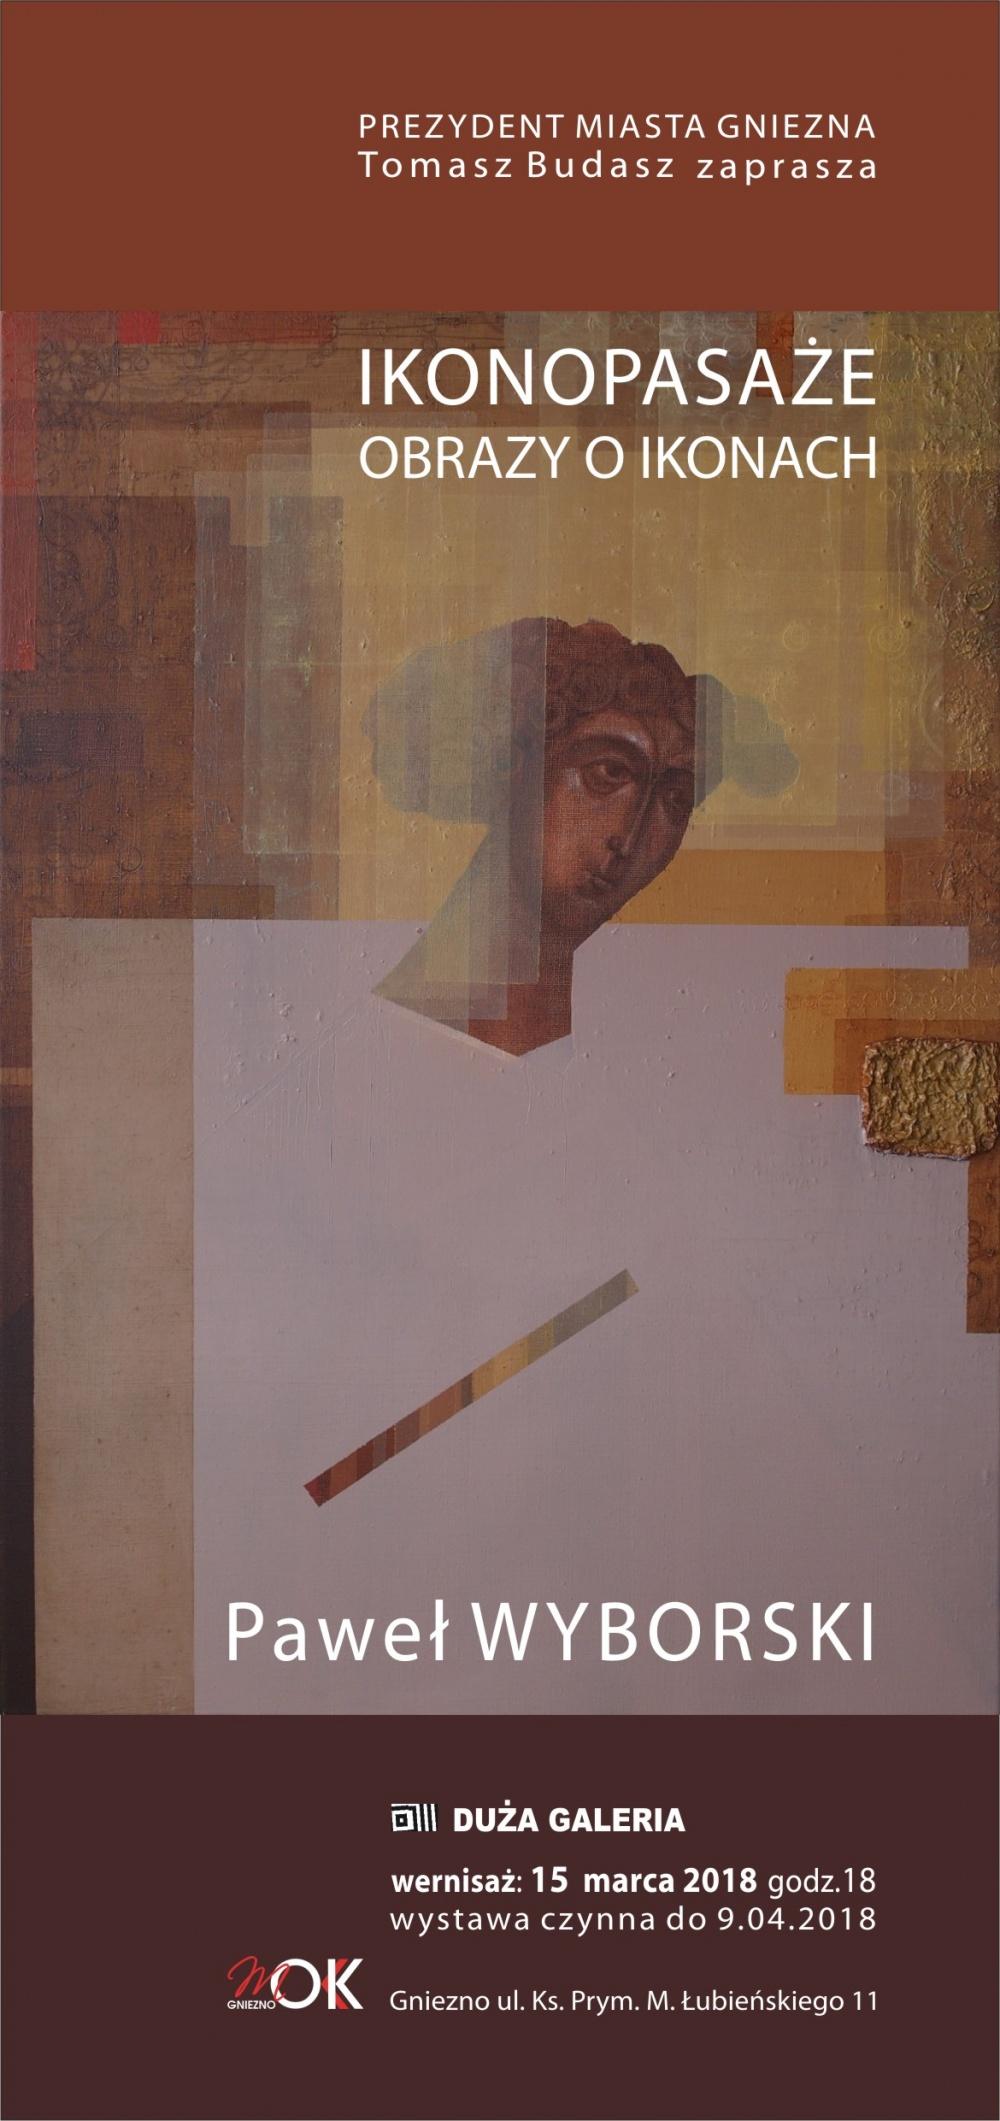 Wystawa malarstwa Pawła Wyborskiego w MOK-u